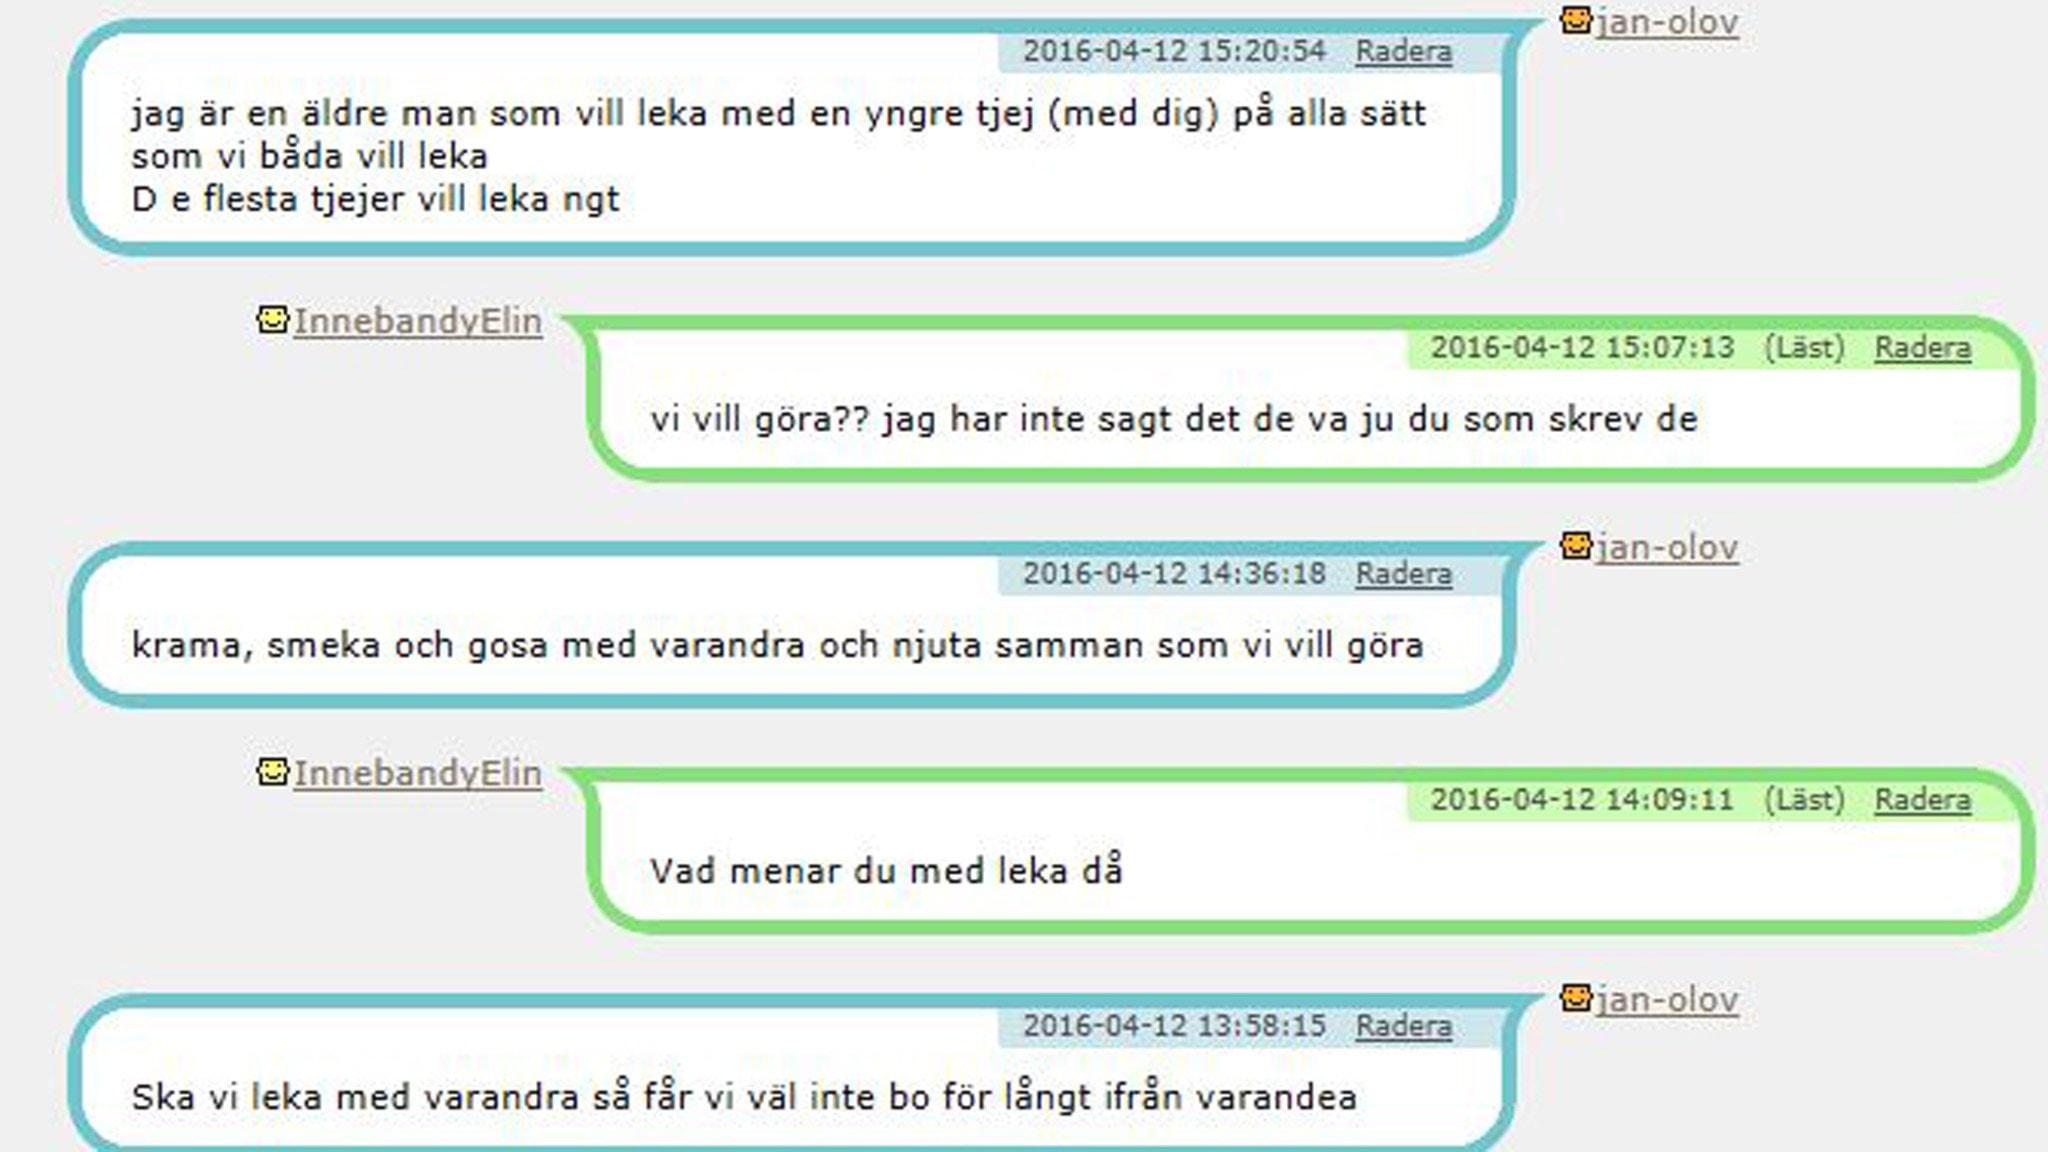 Jonas, Man, 39 | Gnghester, Sverige | Badoo